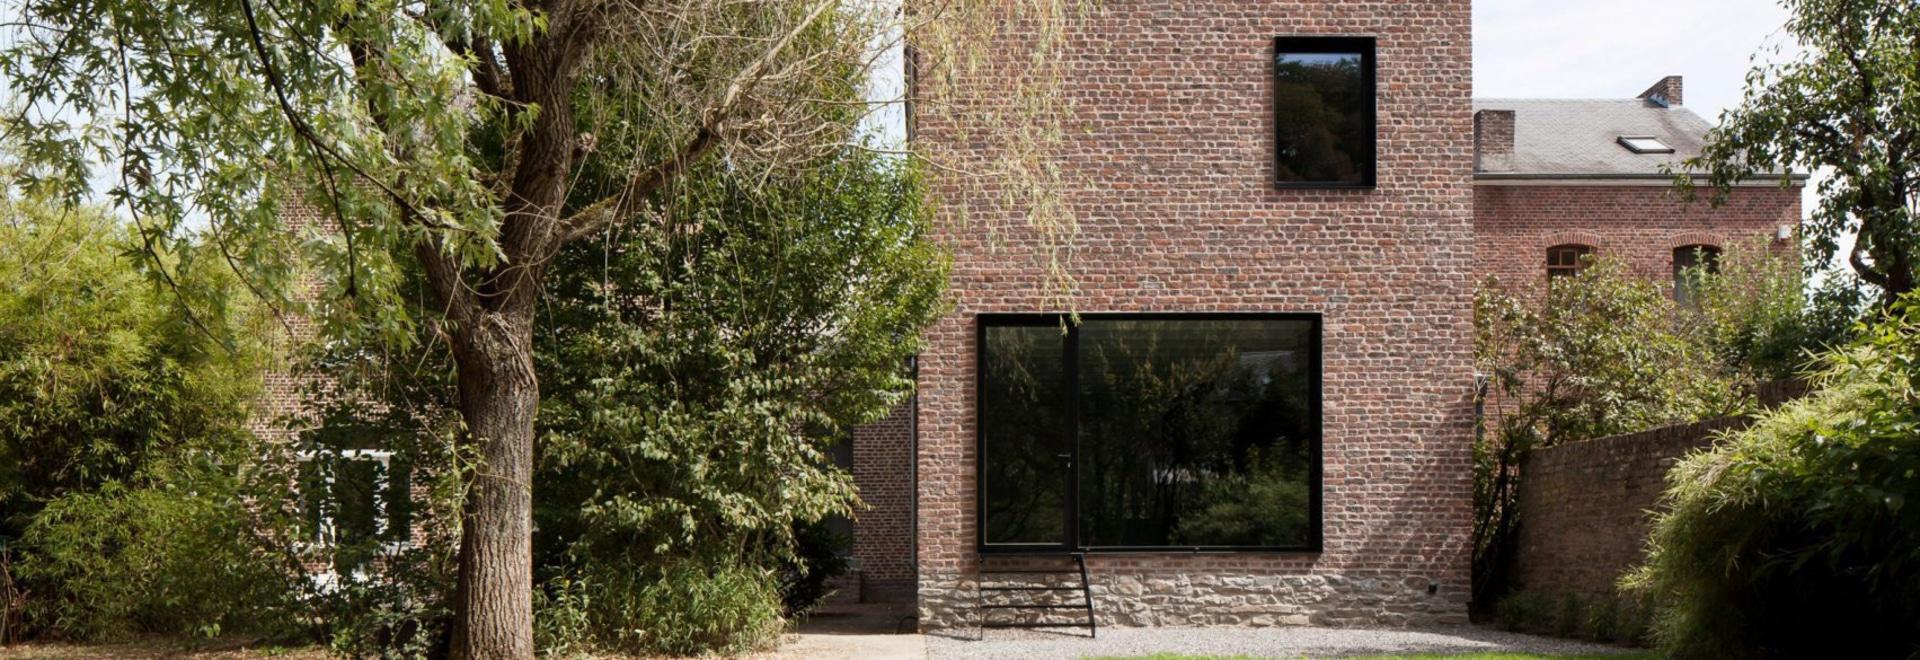 Casa di imbottigliamento belga trasformata in casa di famiglia da Architecture Cotugno Thiry